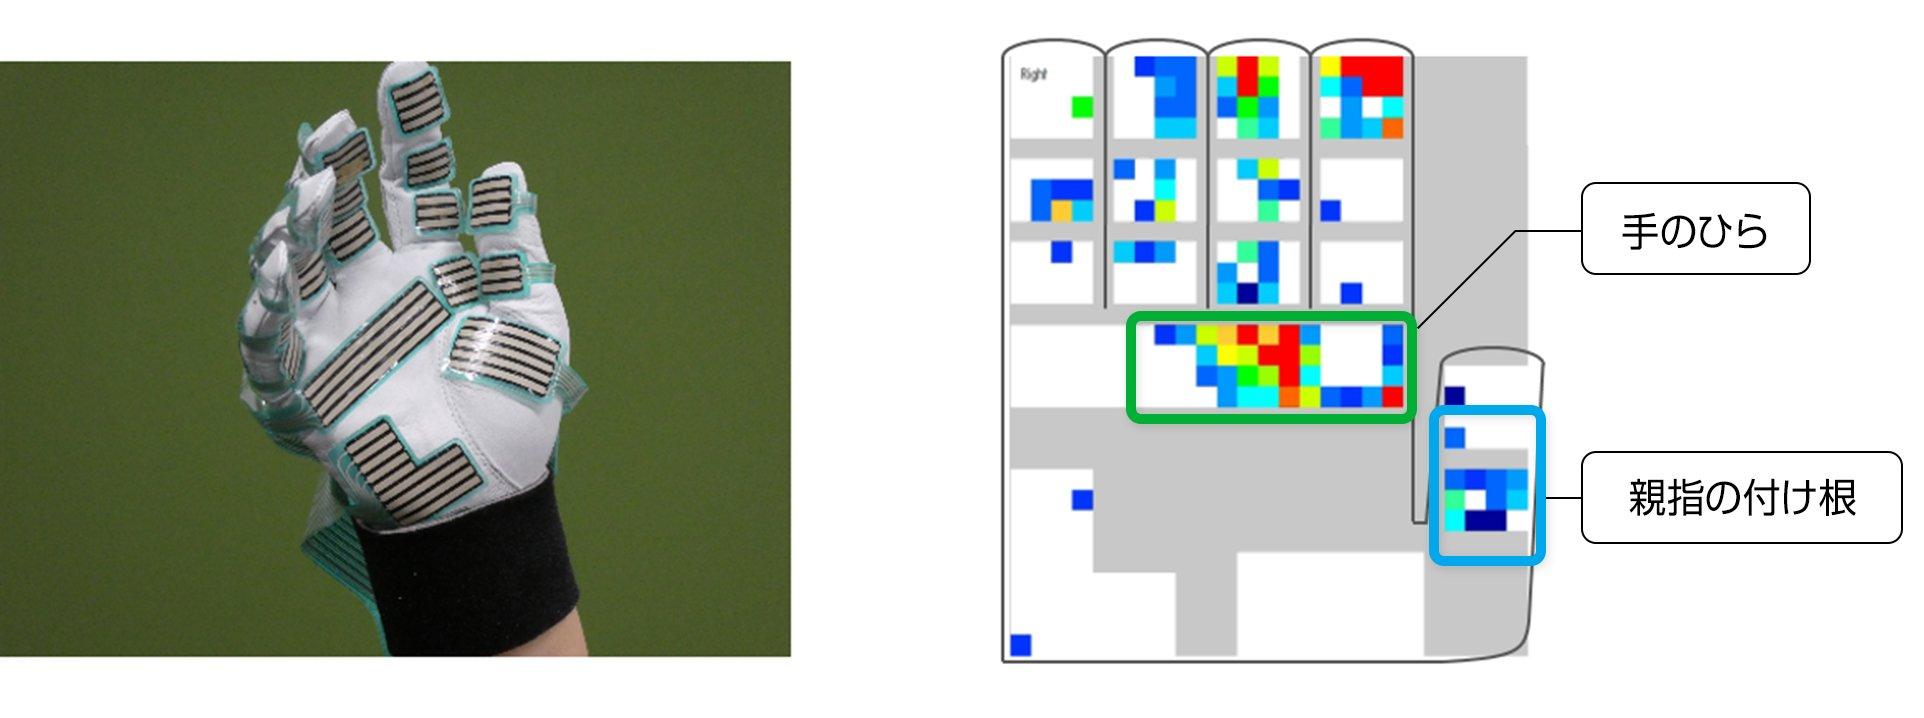 写真:(左)手に圧力センサーを貼り付けた状態、(右)スプレー時の圧力分布検証